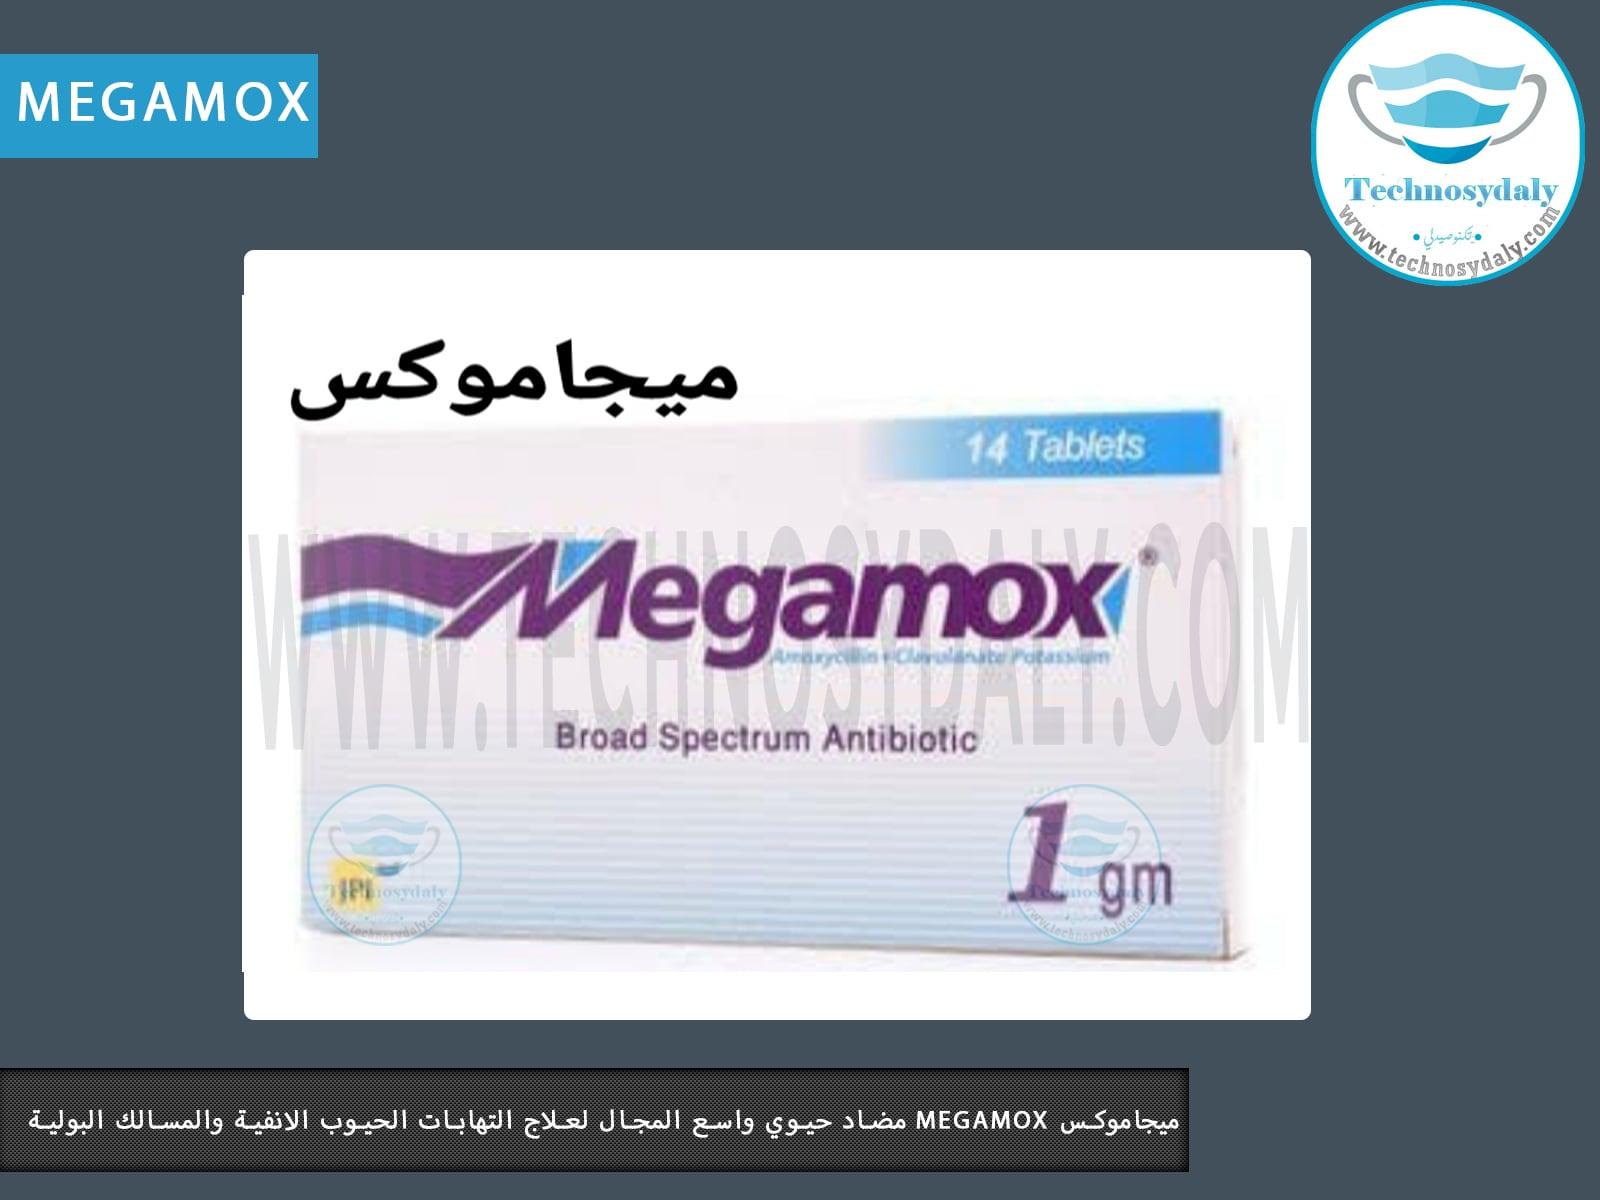 ميجاموكس megamox مضاد حيوي واسع المجال لعلاج التهابات